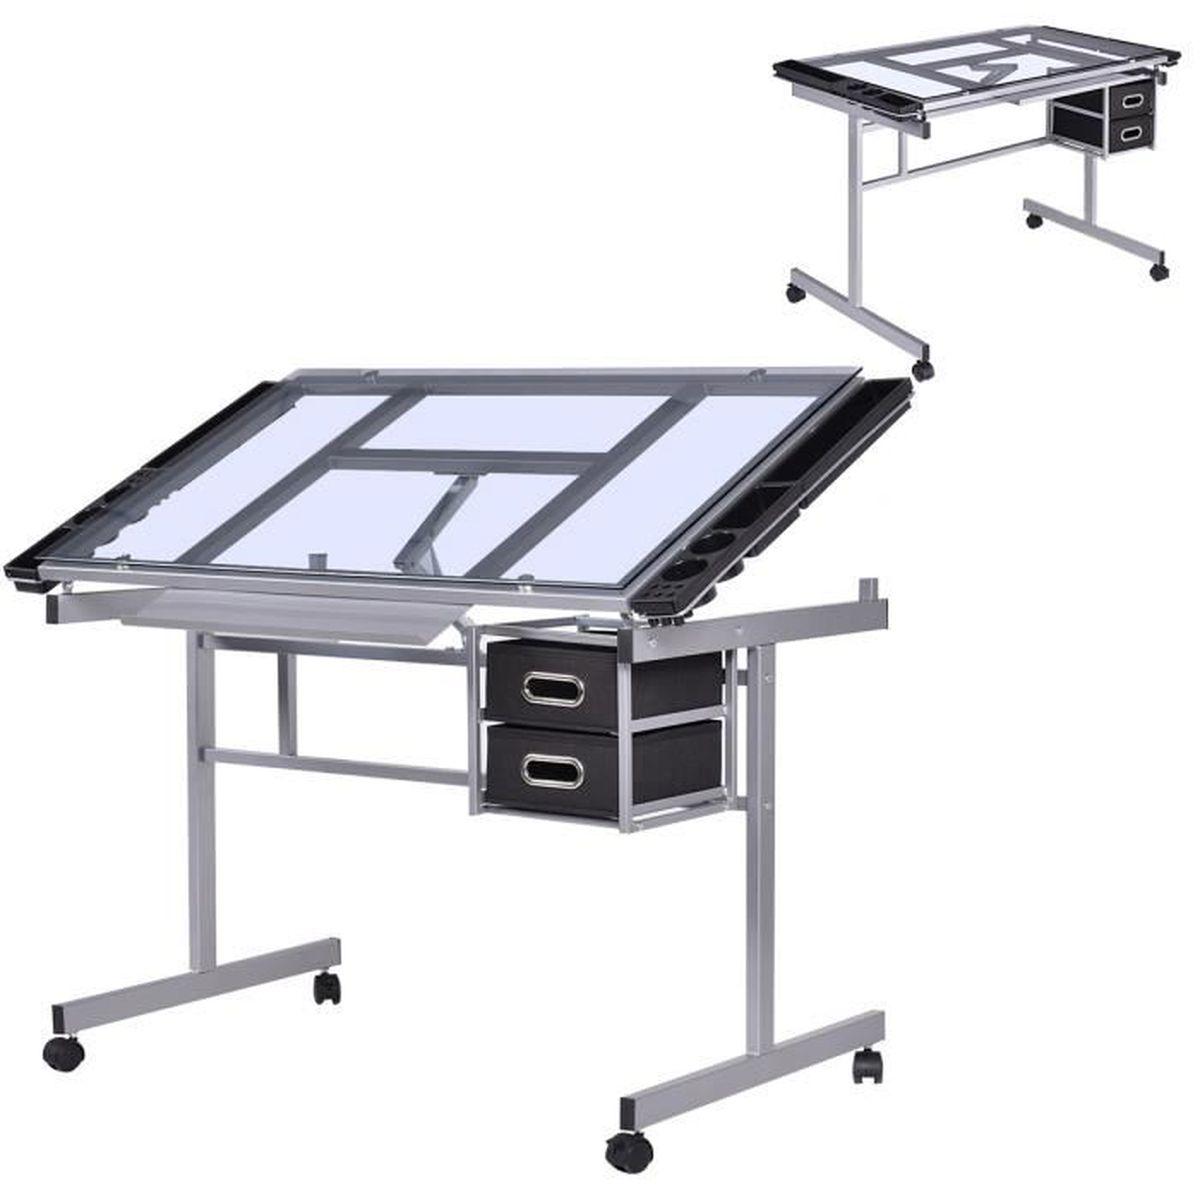 Table dessin inclinable table bureau d architecte table en verre roulette - Bureau d architecte ikea ...